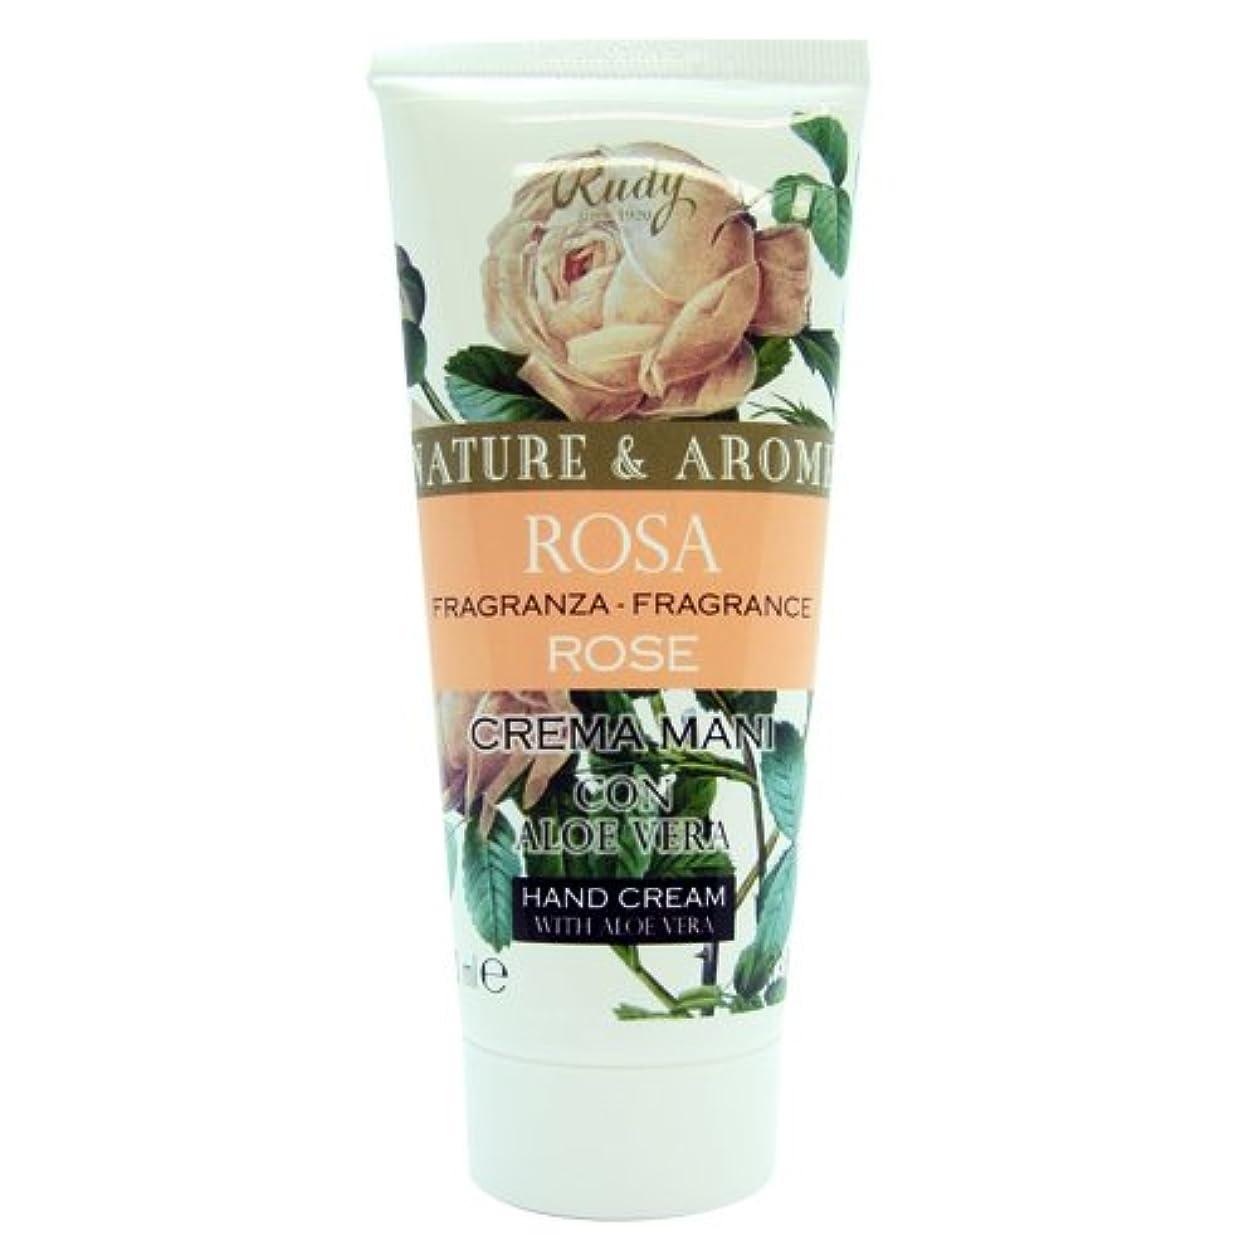 凍結トロイの木馬アカデミックRUDY Nature&Arome SERIES ルディ ナチュール&アロマ Hand Cream ハンドクリーム Rose ローズ